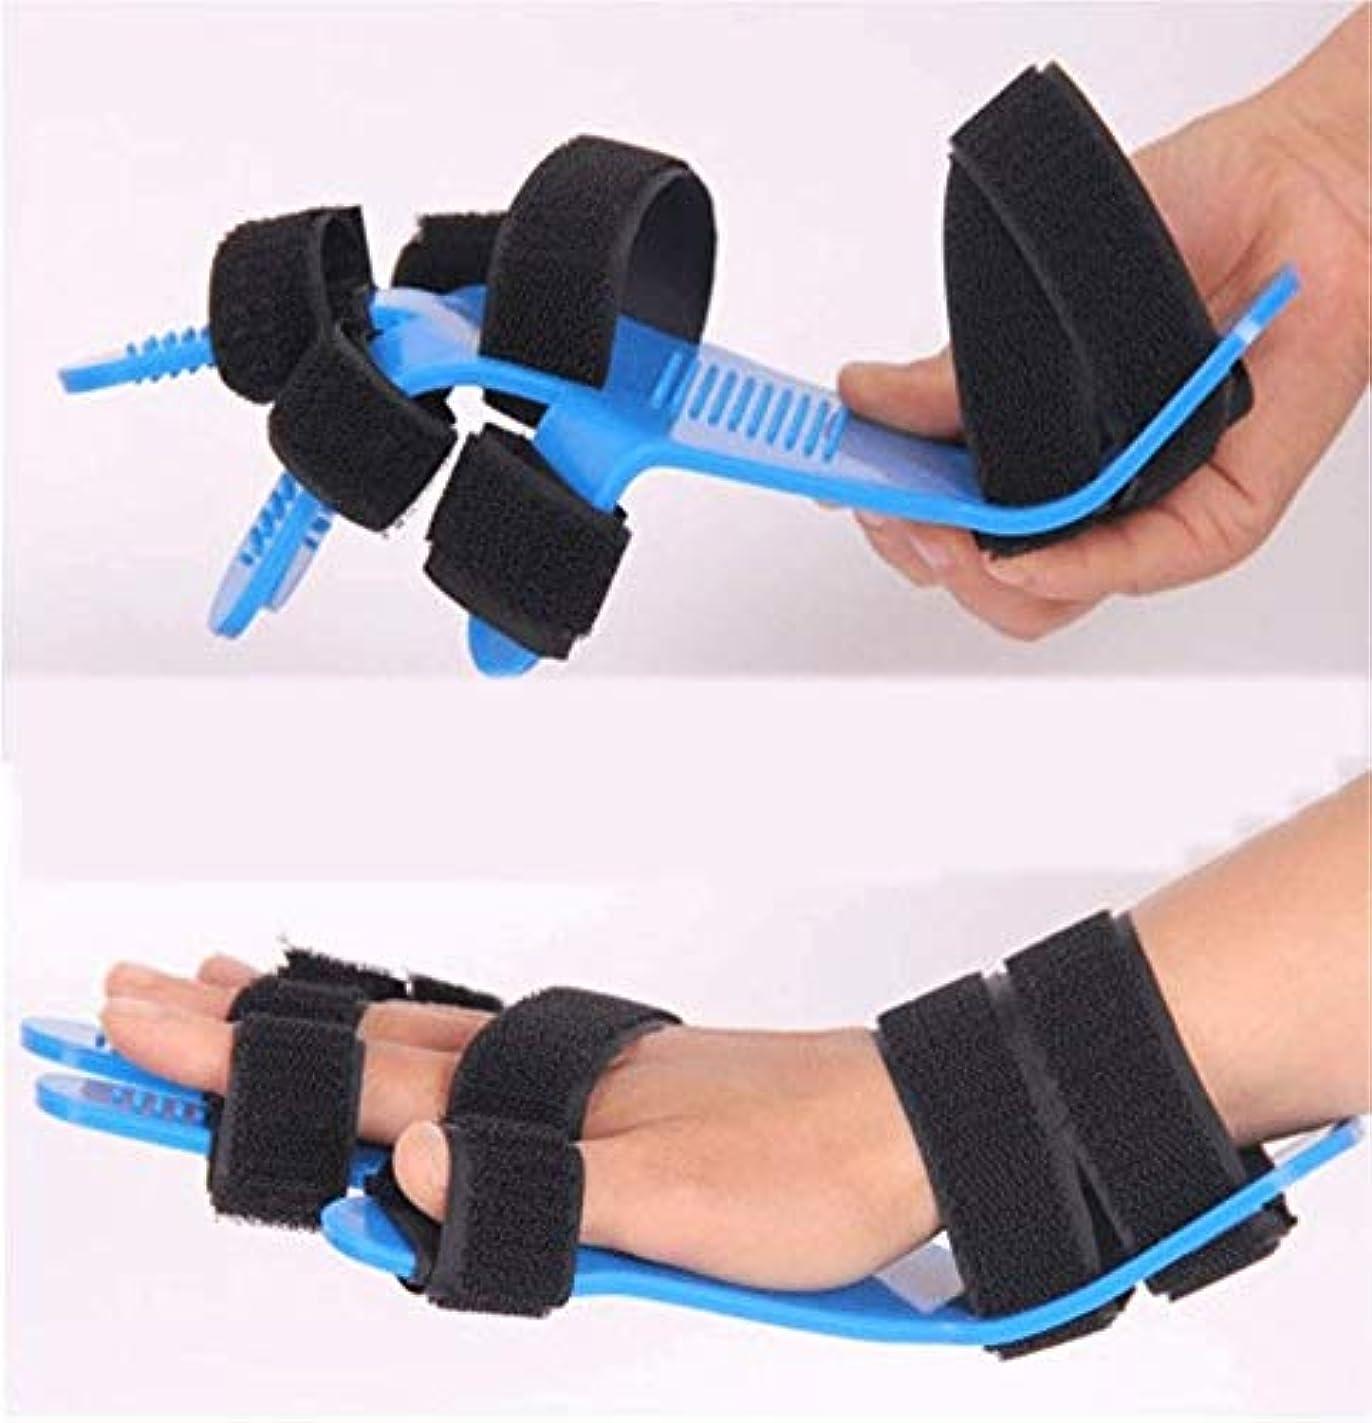 専制ディベート知り合いになるセパレータインソールフィンガー拡張スプリントばね指スプリント、指の骨折、傷、術後ケアと痛み-ReliefBoth左右の手指